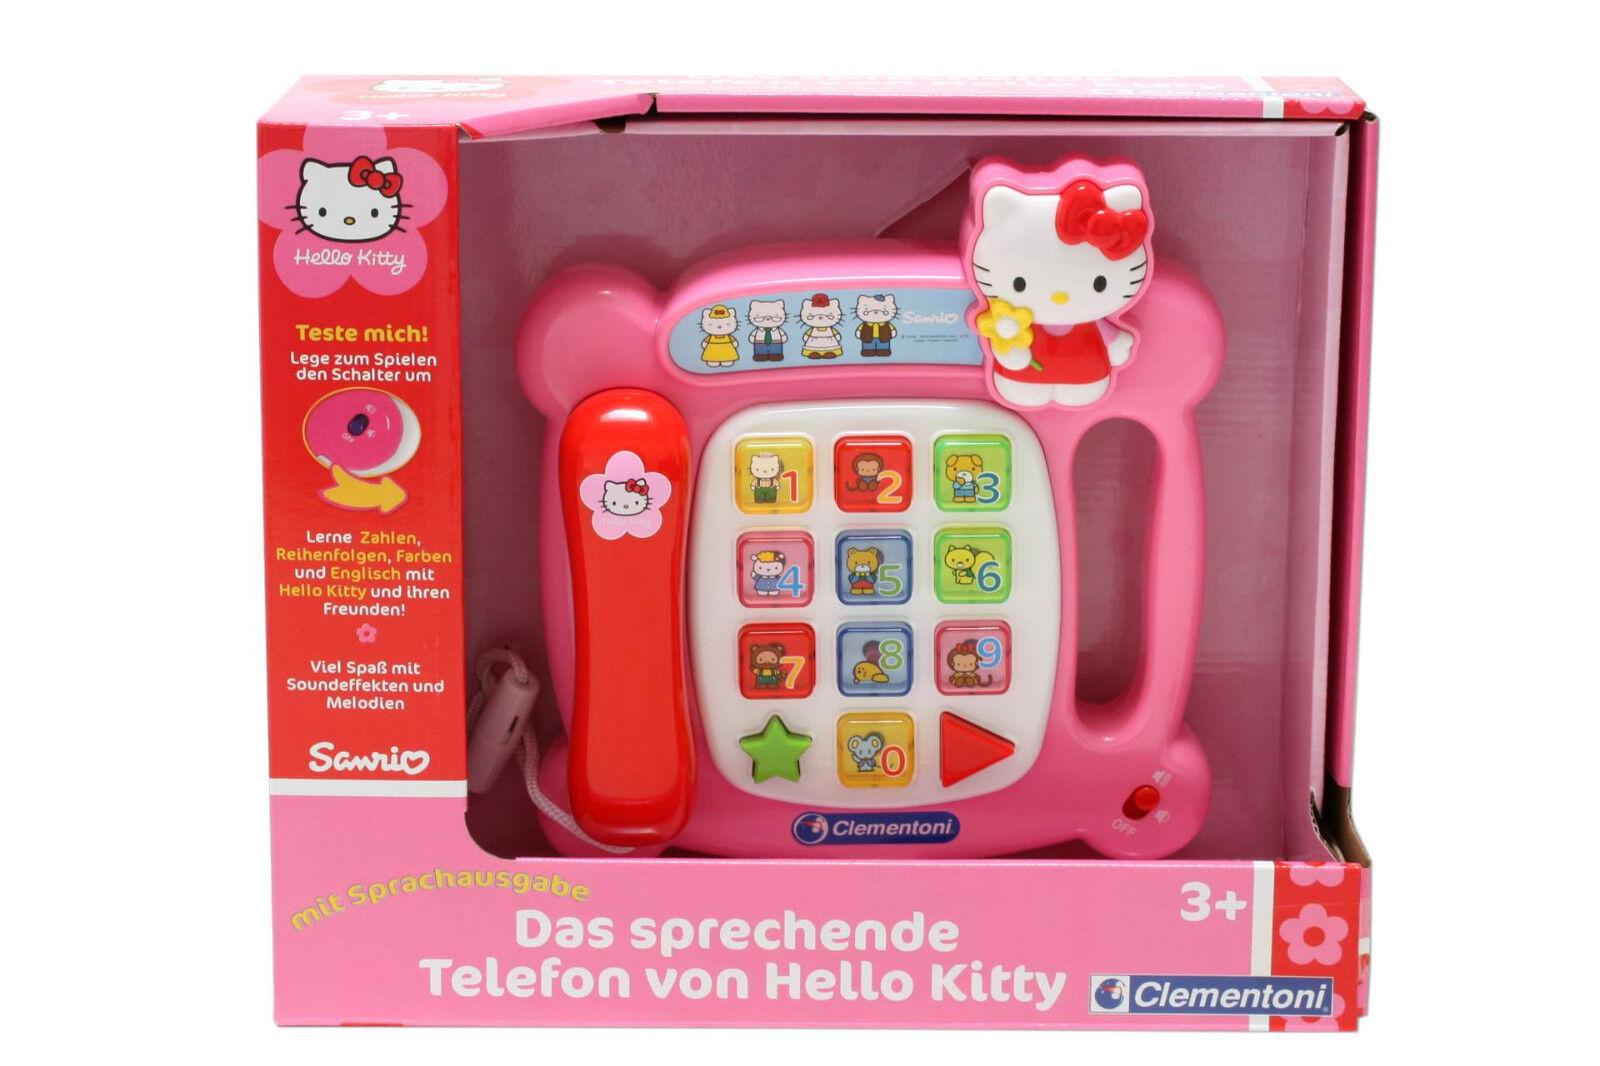 Charmant Färbung Hallo Kitty Spiele Fotos - Malvorlagen-Ideen ...